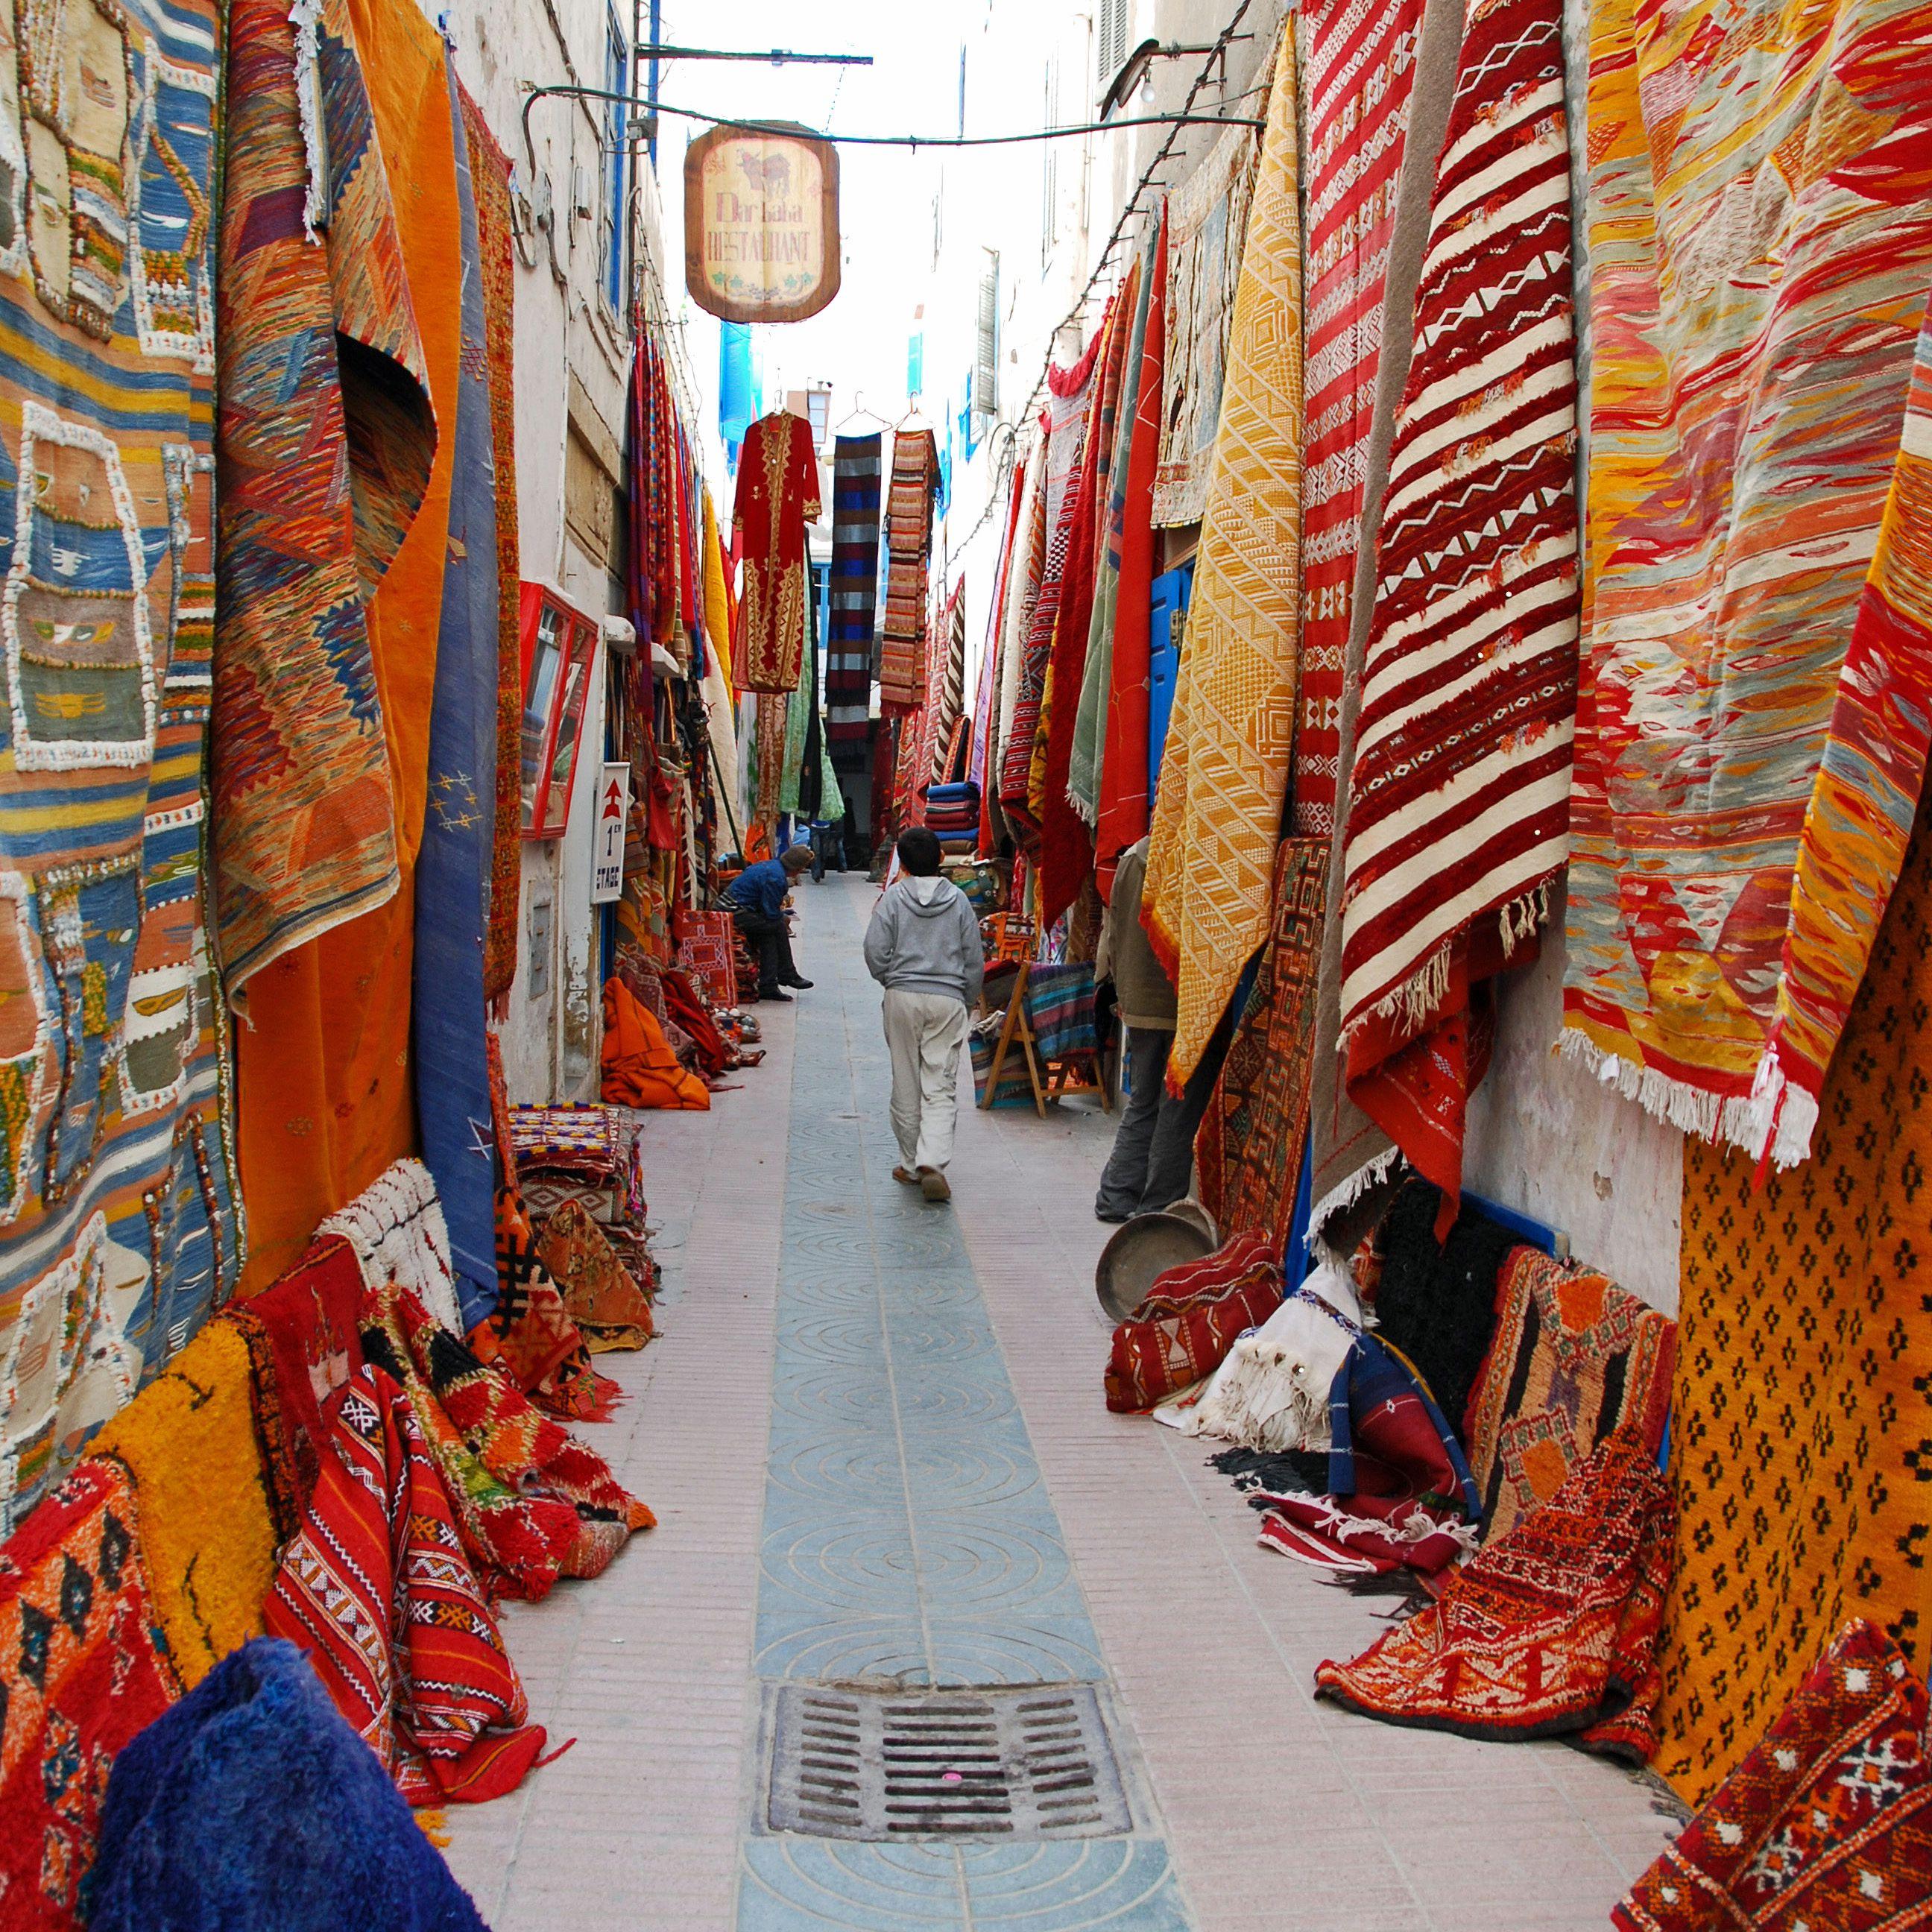 Essaouria market